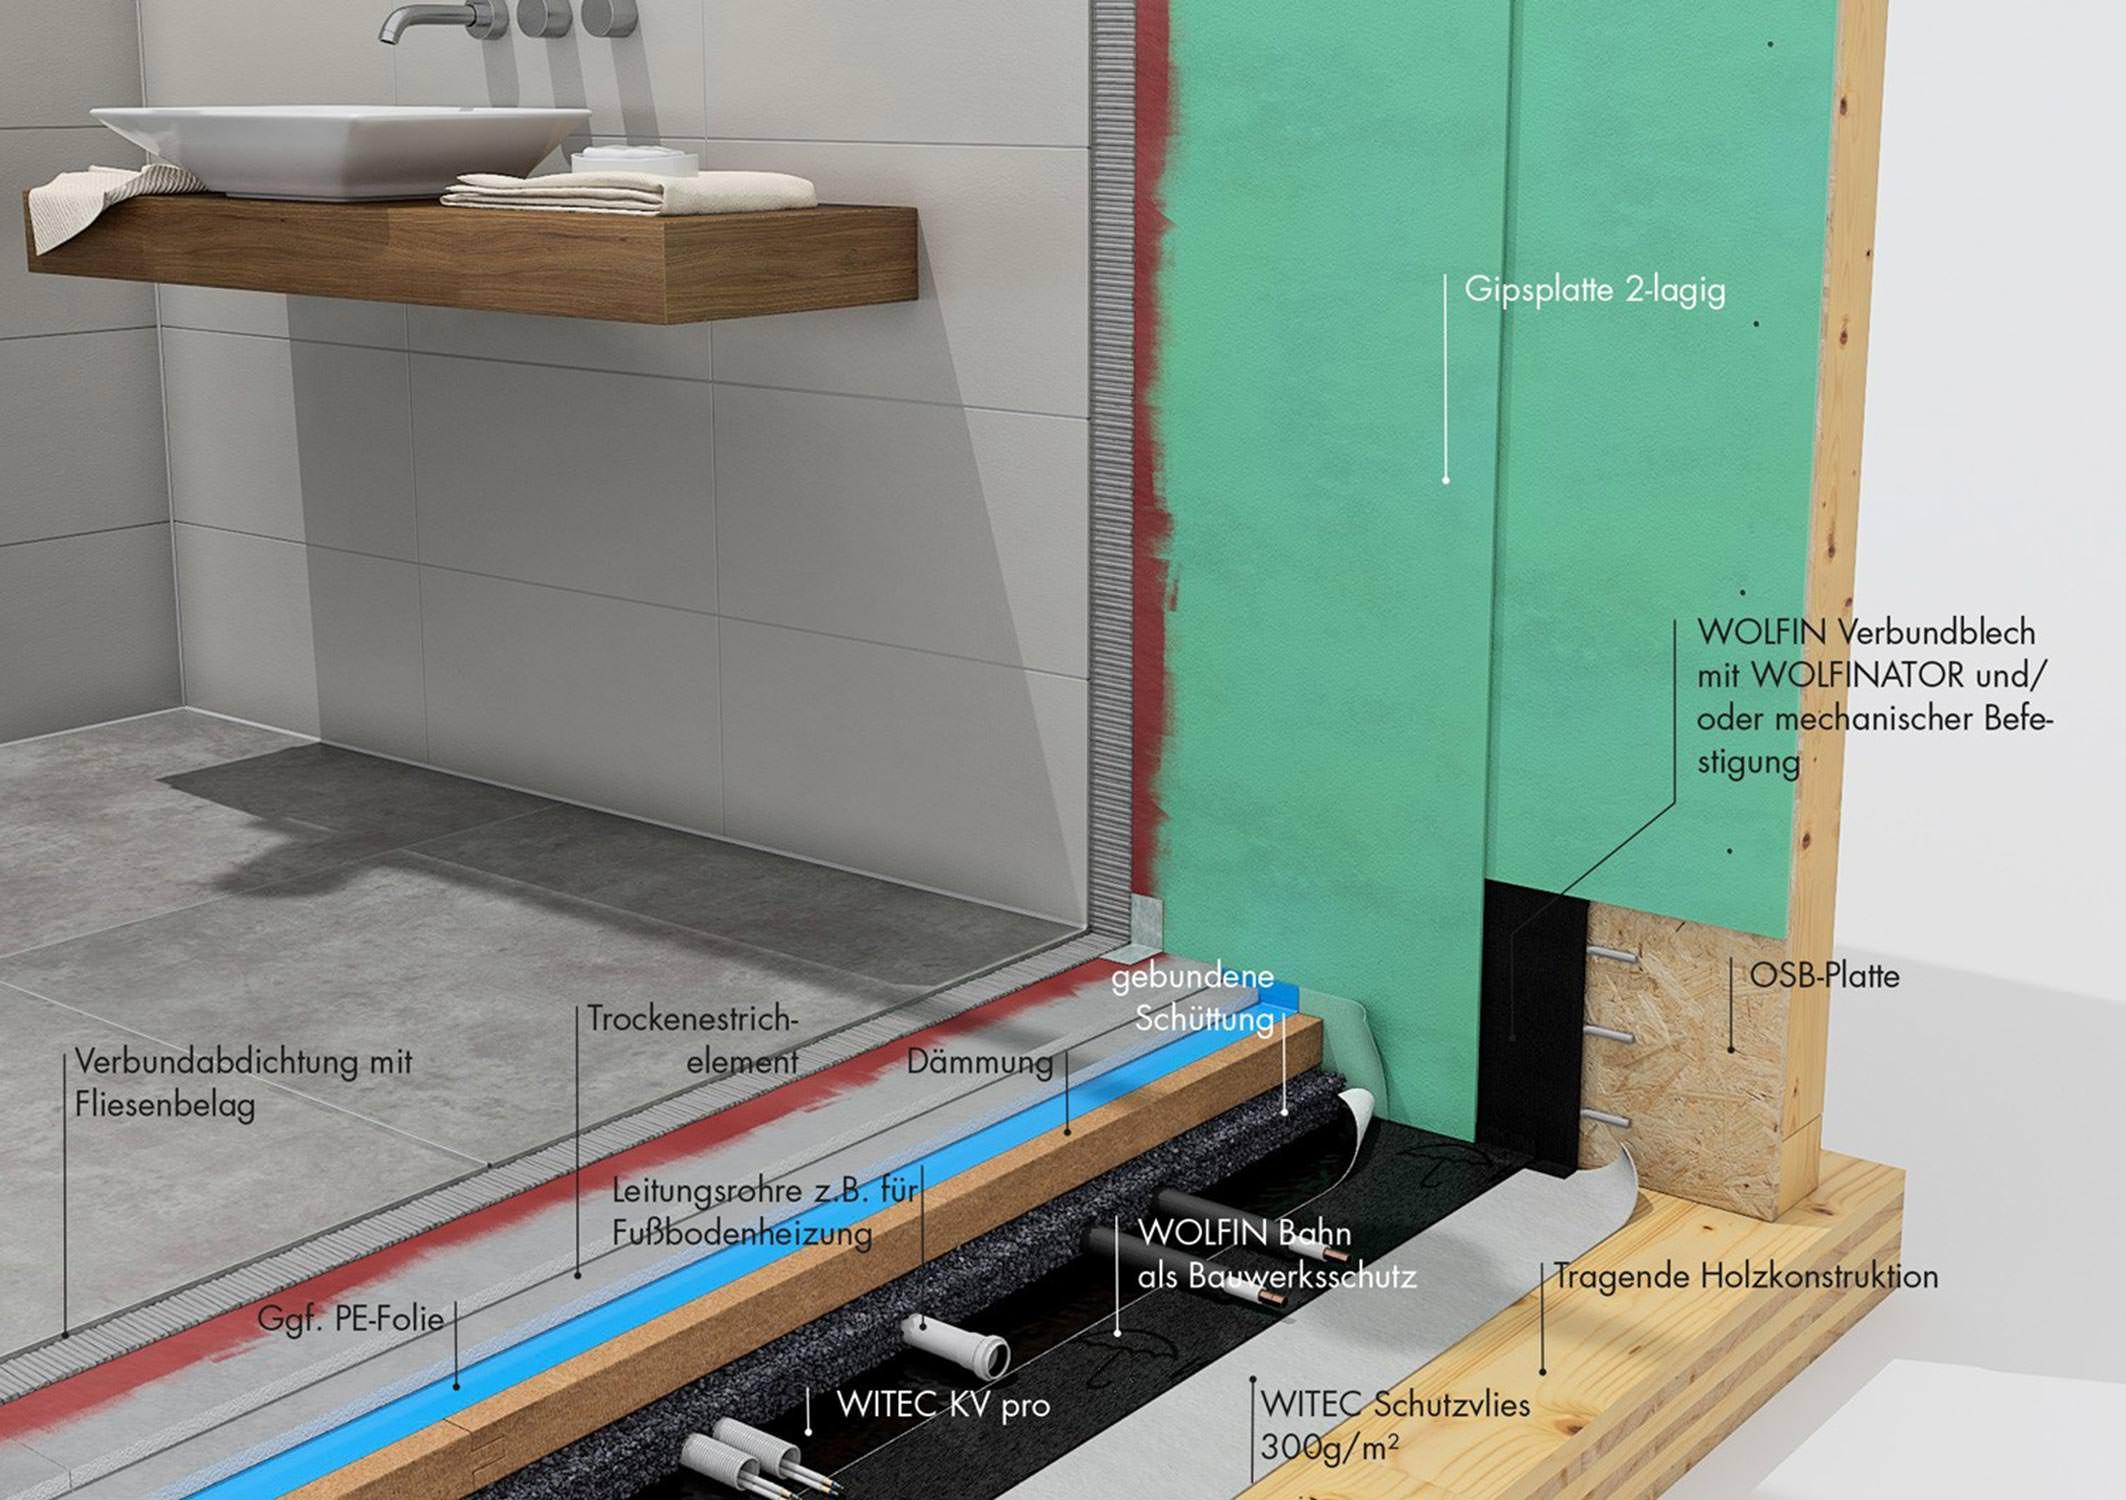 Abdichtung Fußboden Bad ~ Professionelle badezimmer abdichtung à la wolfin